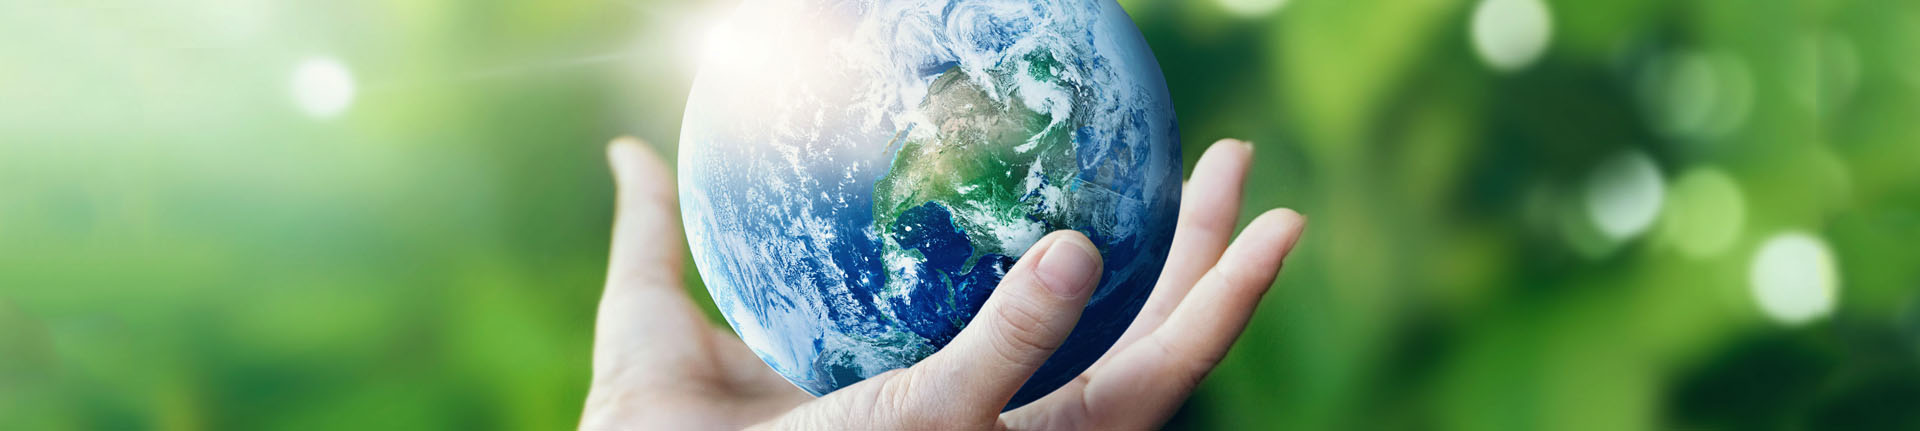 Mudança climática e sua relação com consumo sustentável